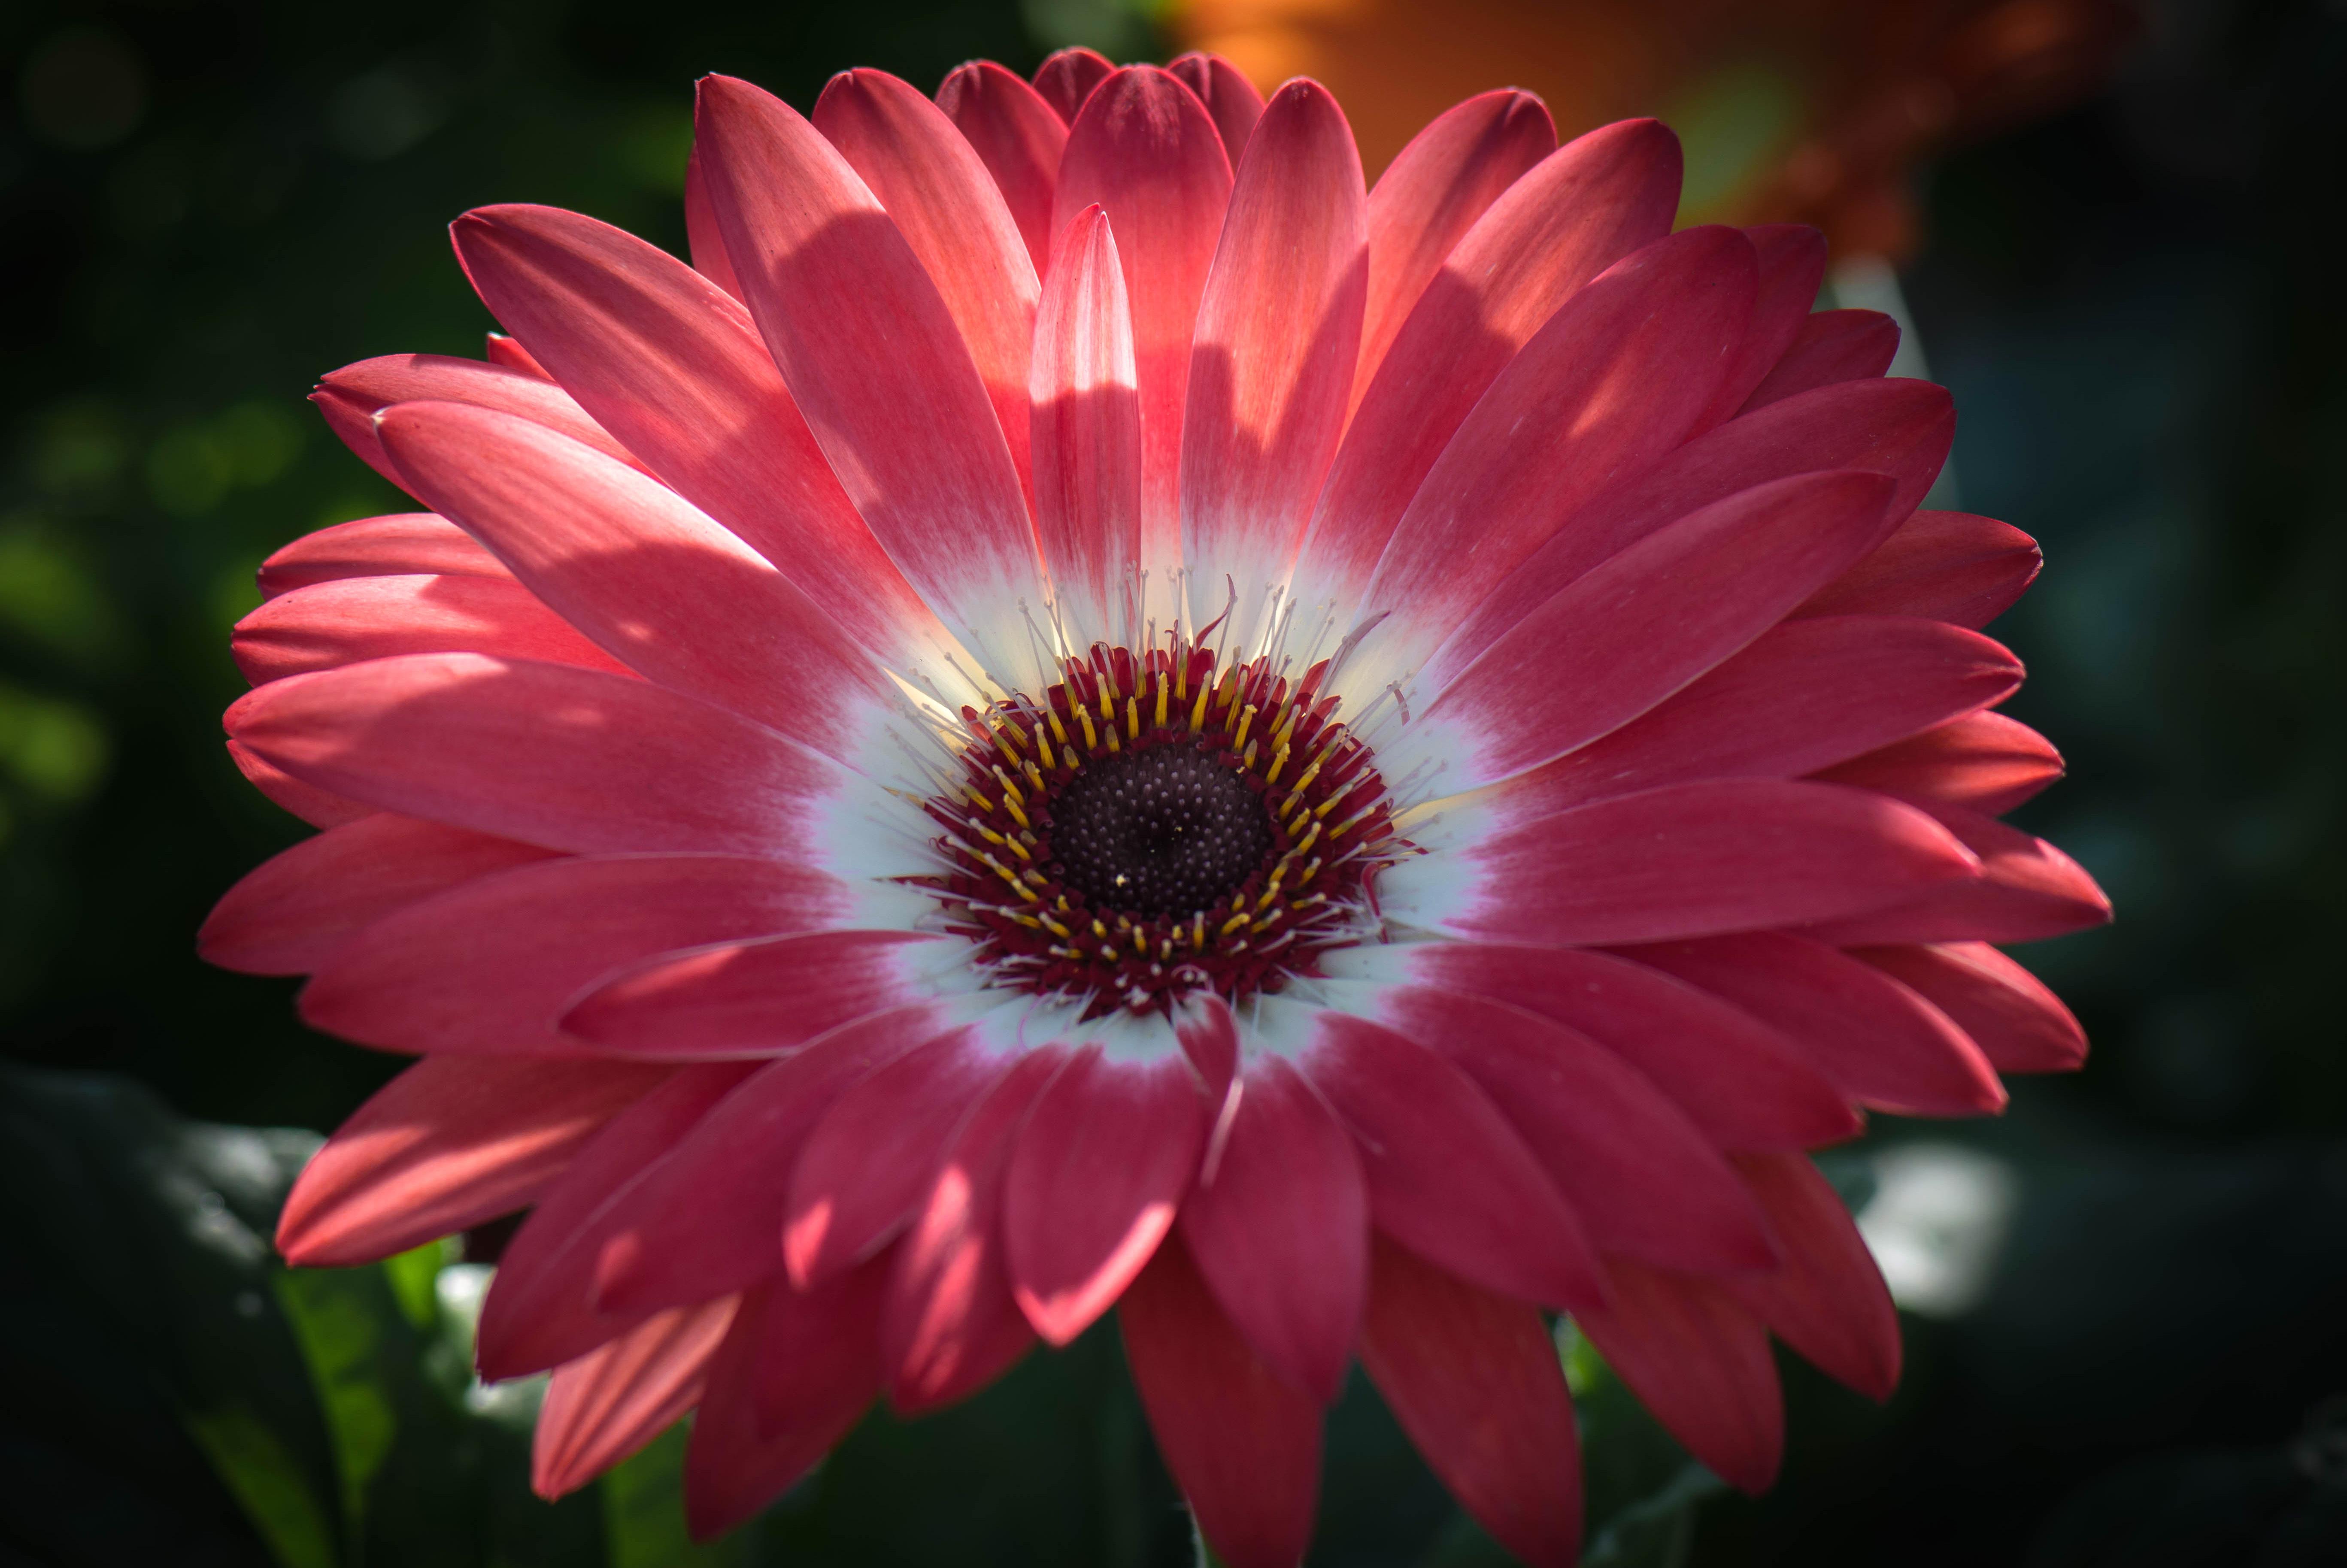 цветы крупным планом в хорошем разрешении фото такие